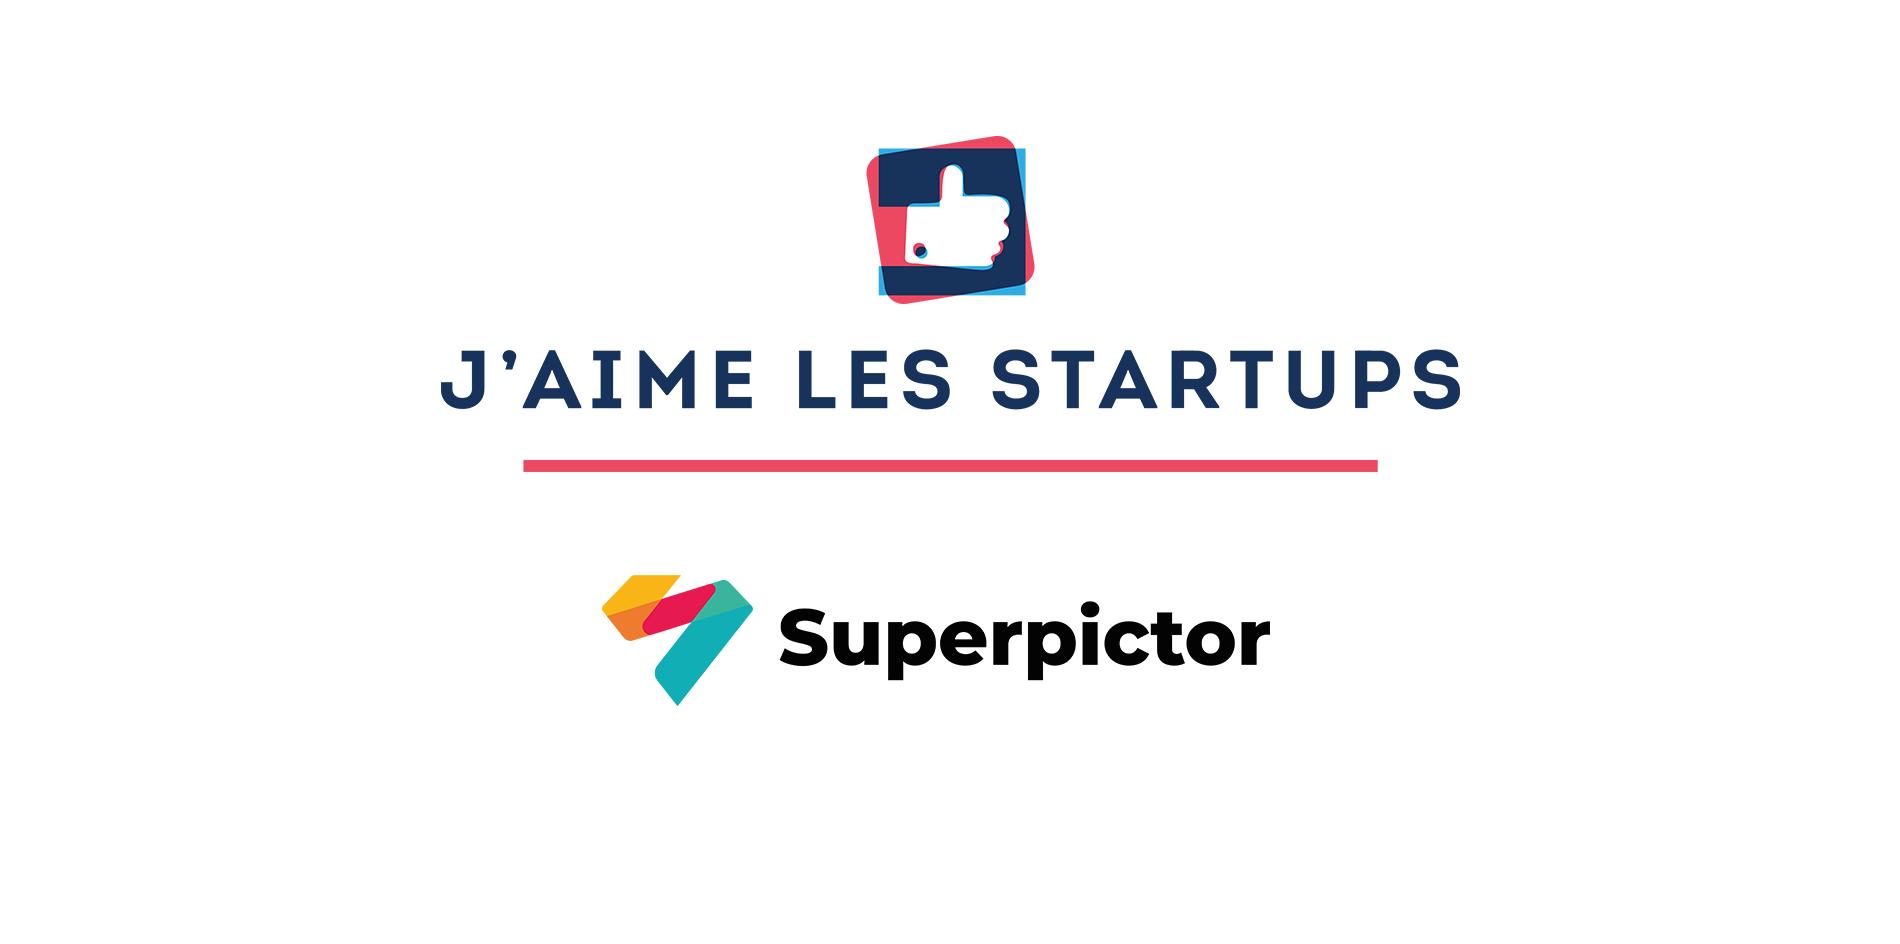 J'aime les startups | L'histoire de Superpictor